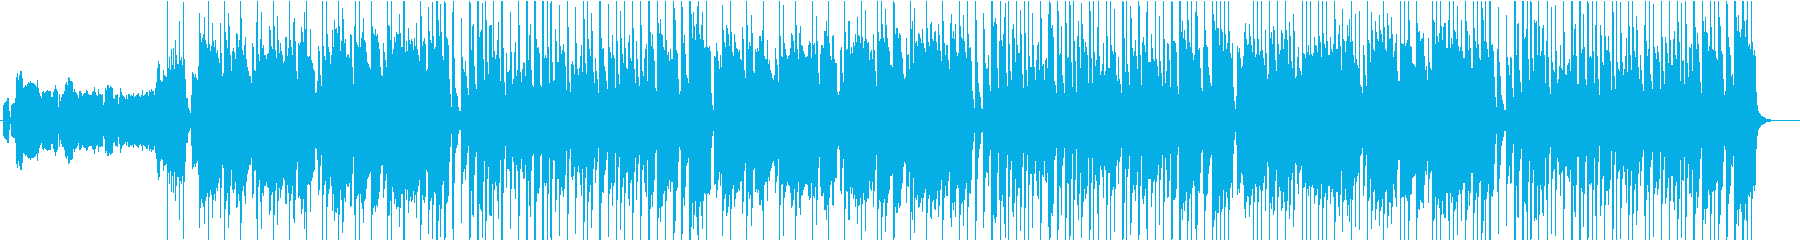 ハッピーバースデーのスカアレンジの再生済みの波形